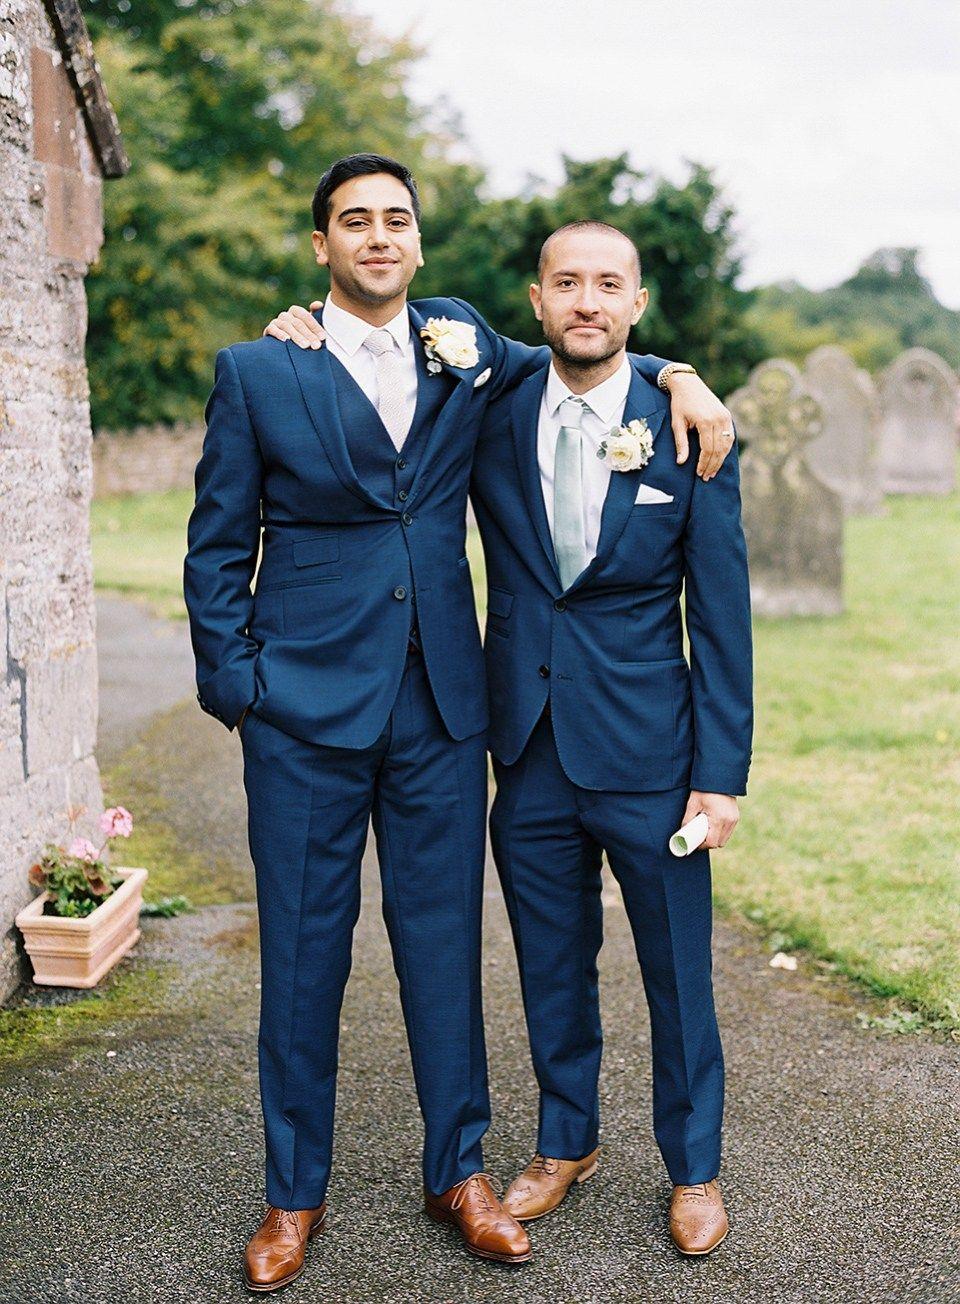 Stephanie Allin Elegance For A Summer Wedding In Wales | Three ...